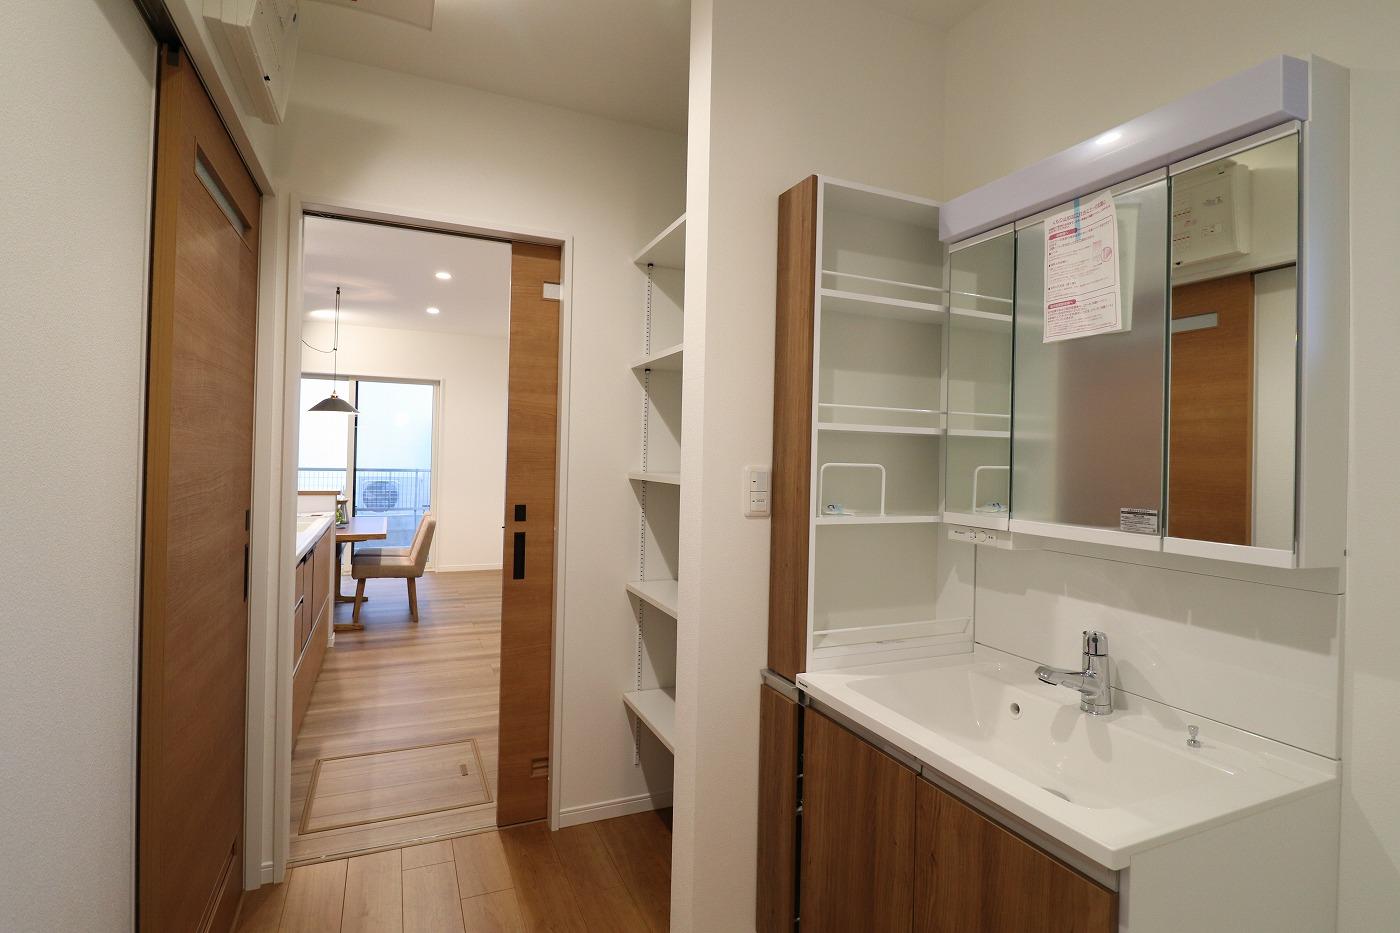 高松市高松町の新築分譲住宅の洗面浴室